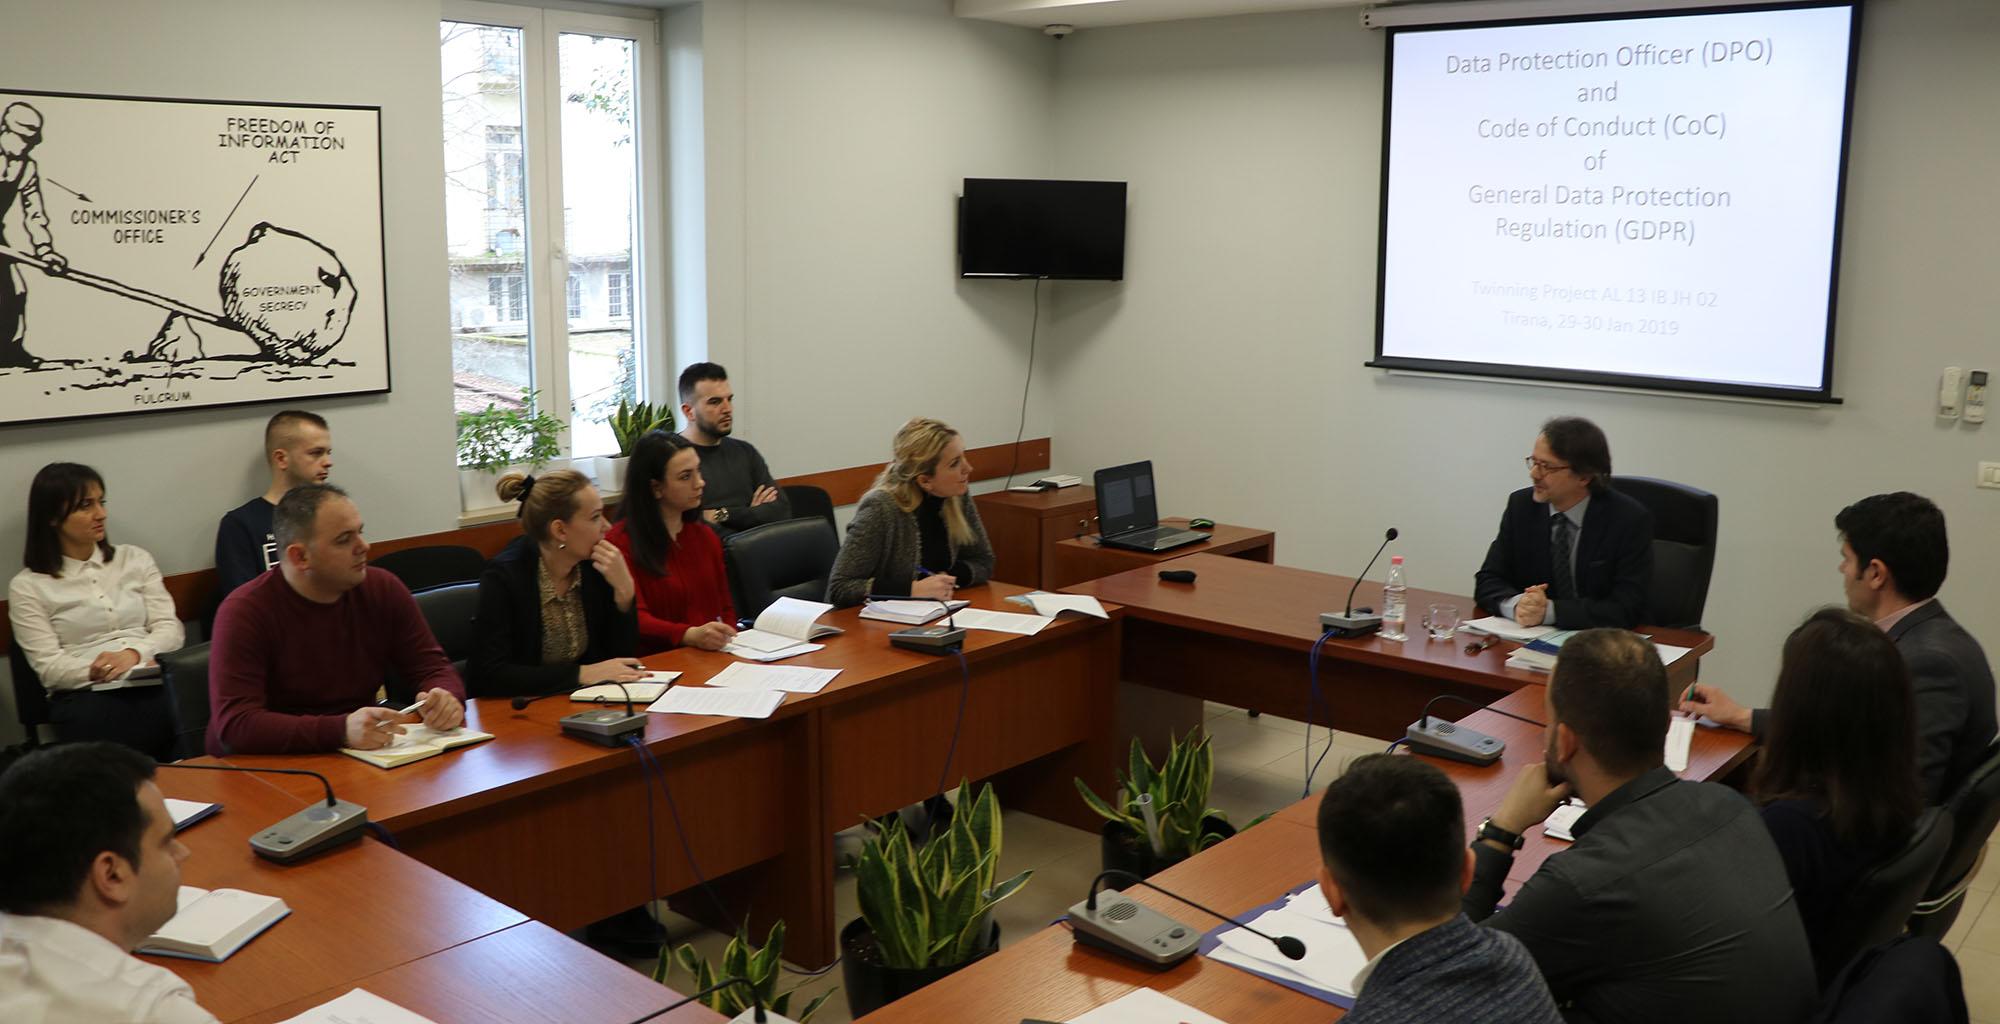 Délégués à la protection des données et codes de conduite dans le cadre du RGPD